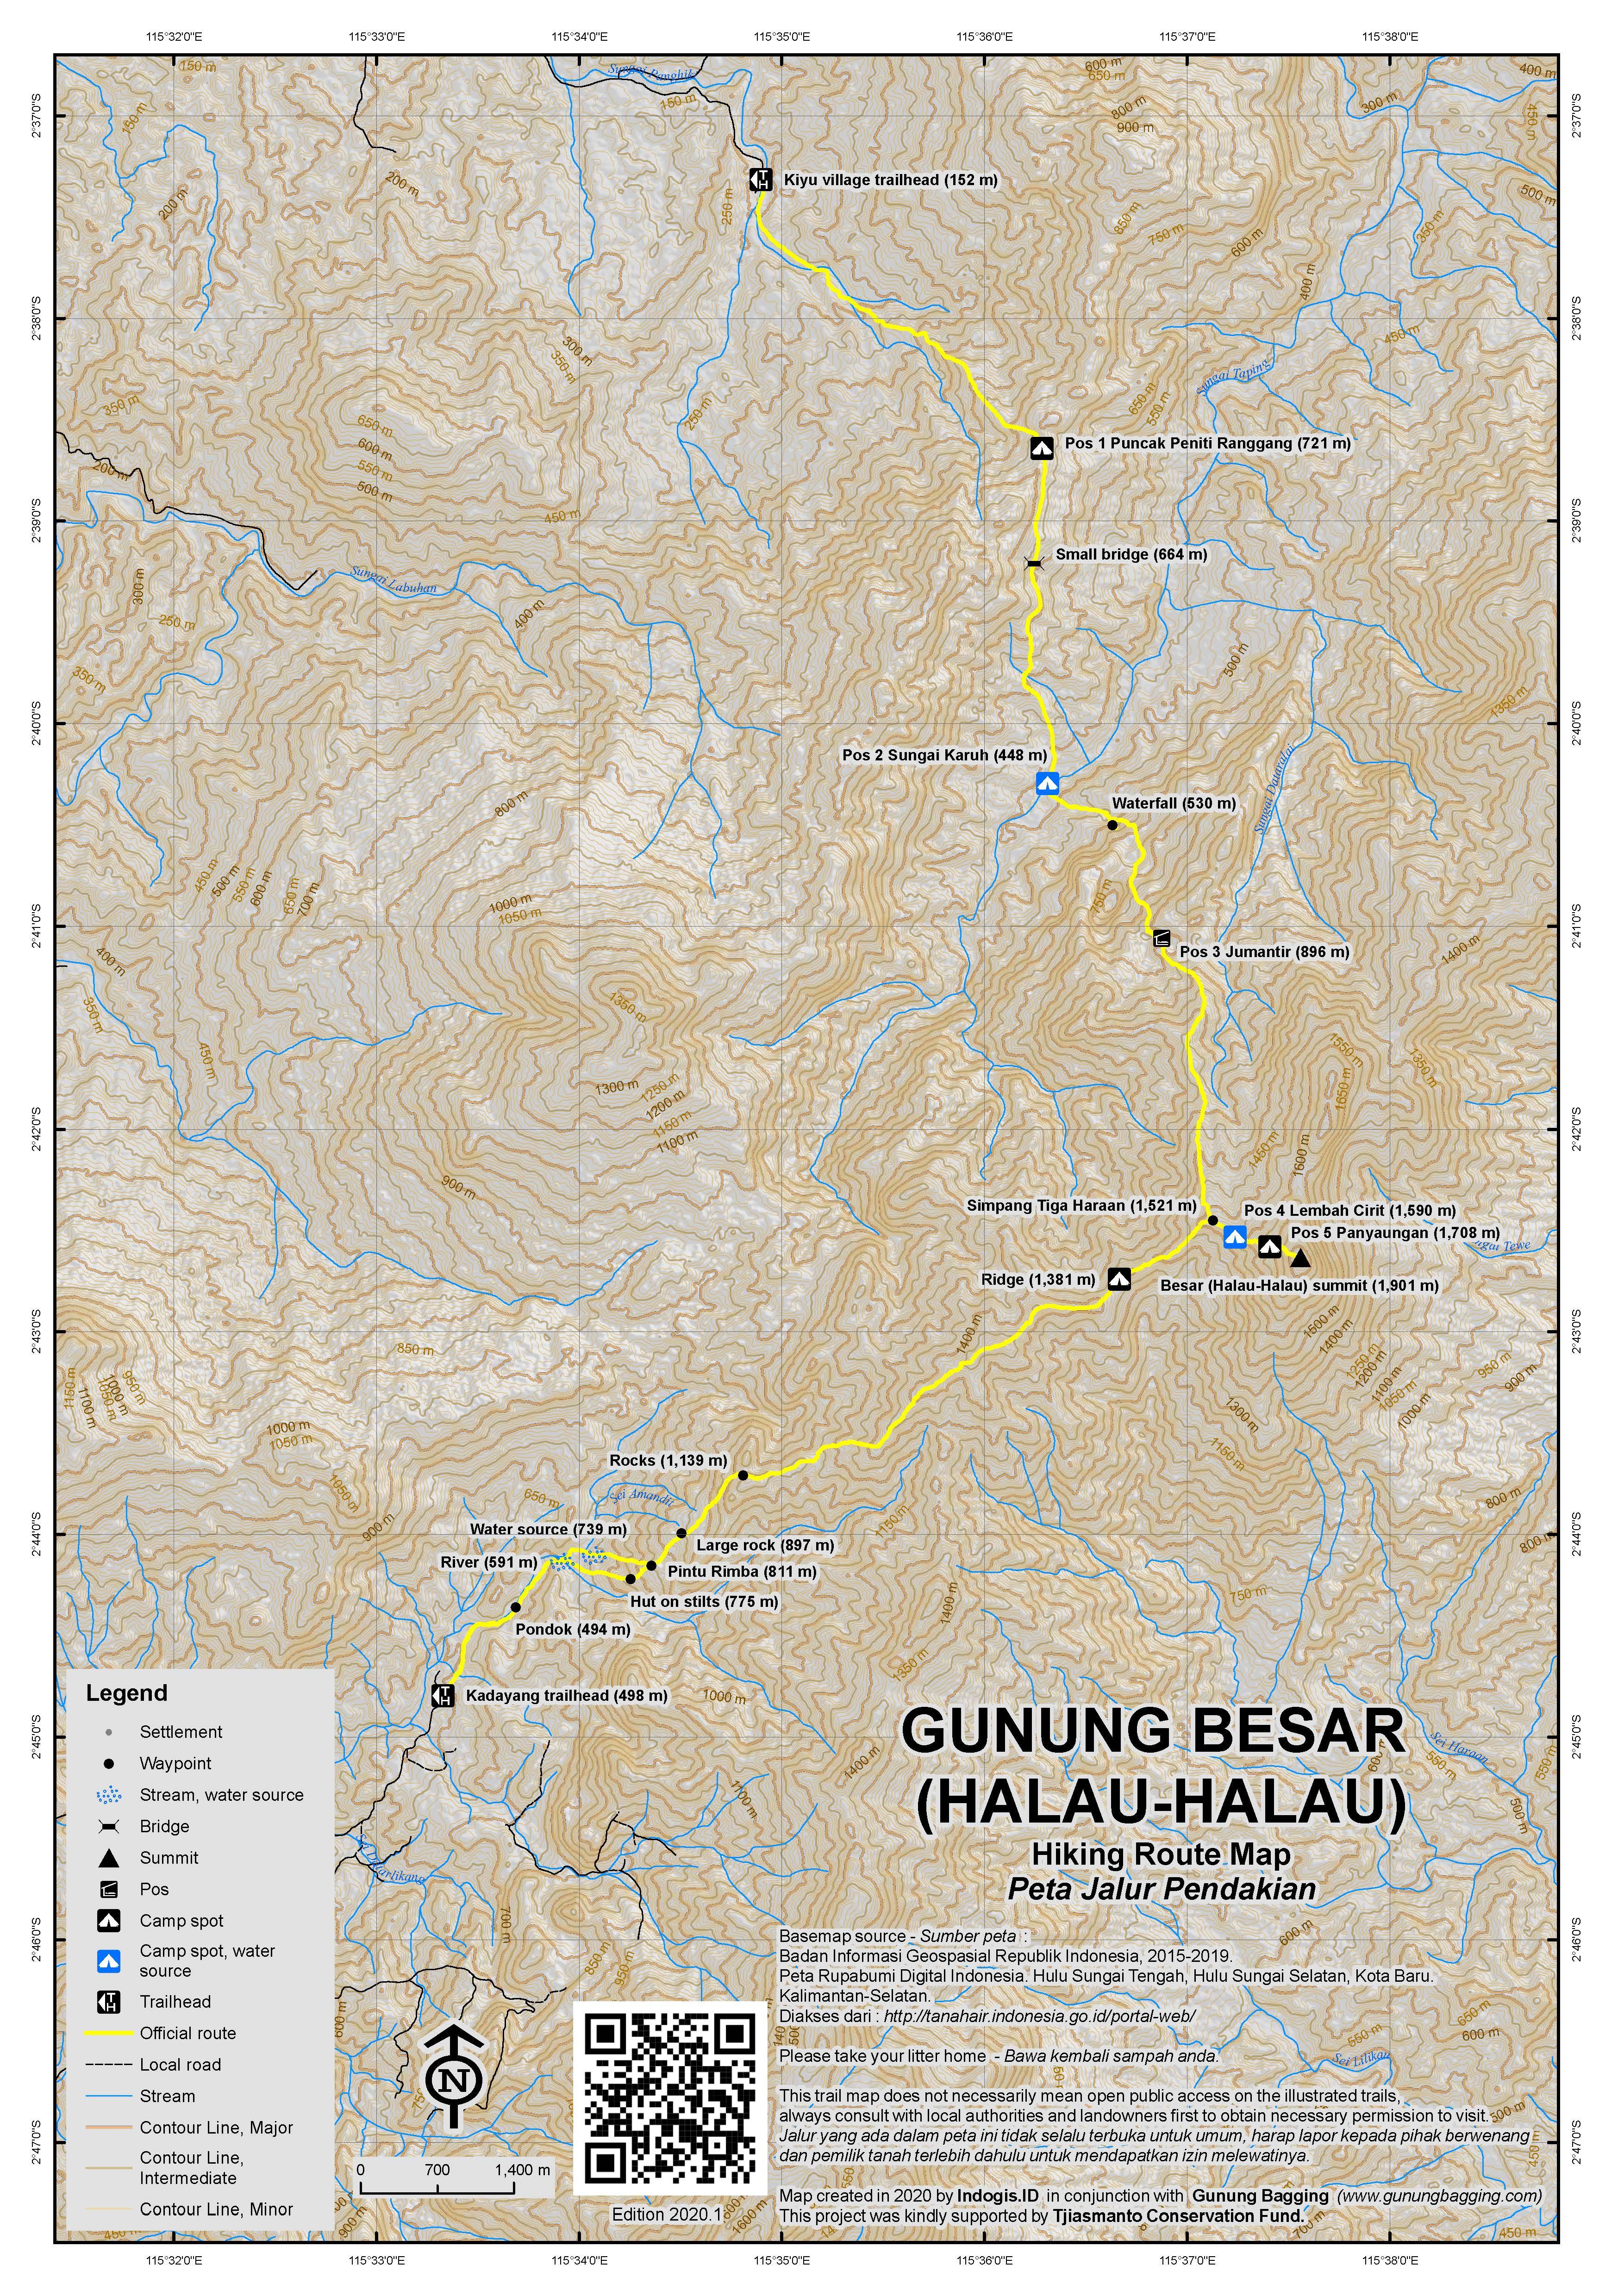 Peta Jalur Pendakian Gunung Besar